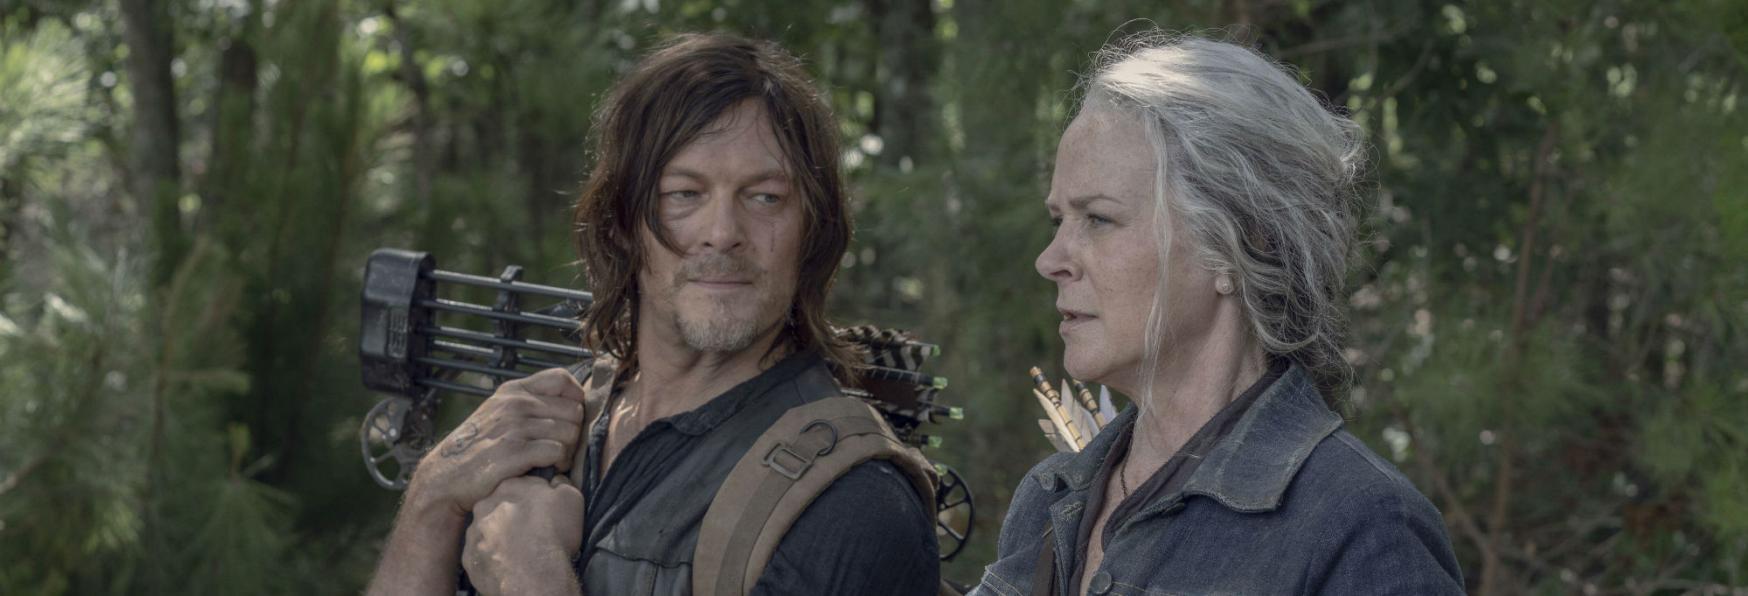 The Walking Dead 10: Svelate alcune Foto della Terza Parte della Stagione